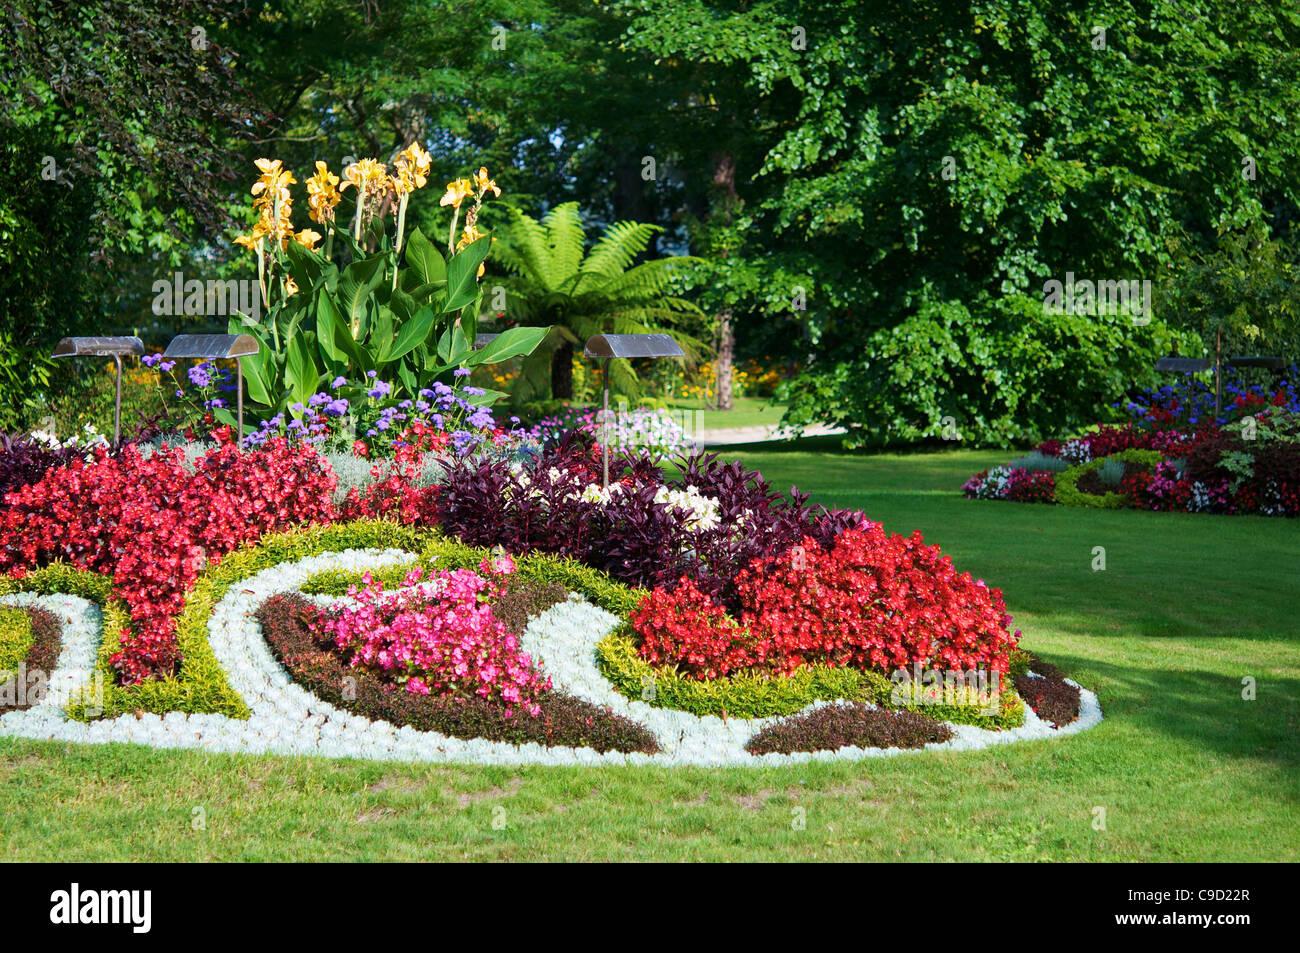 Fiori colorati in letti presso il giardino botanico di coutances